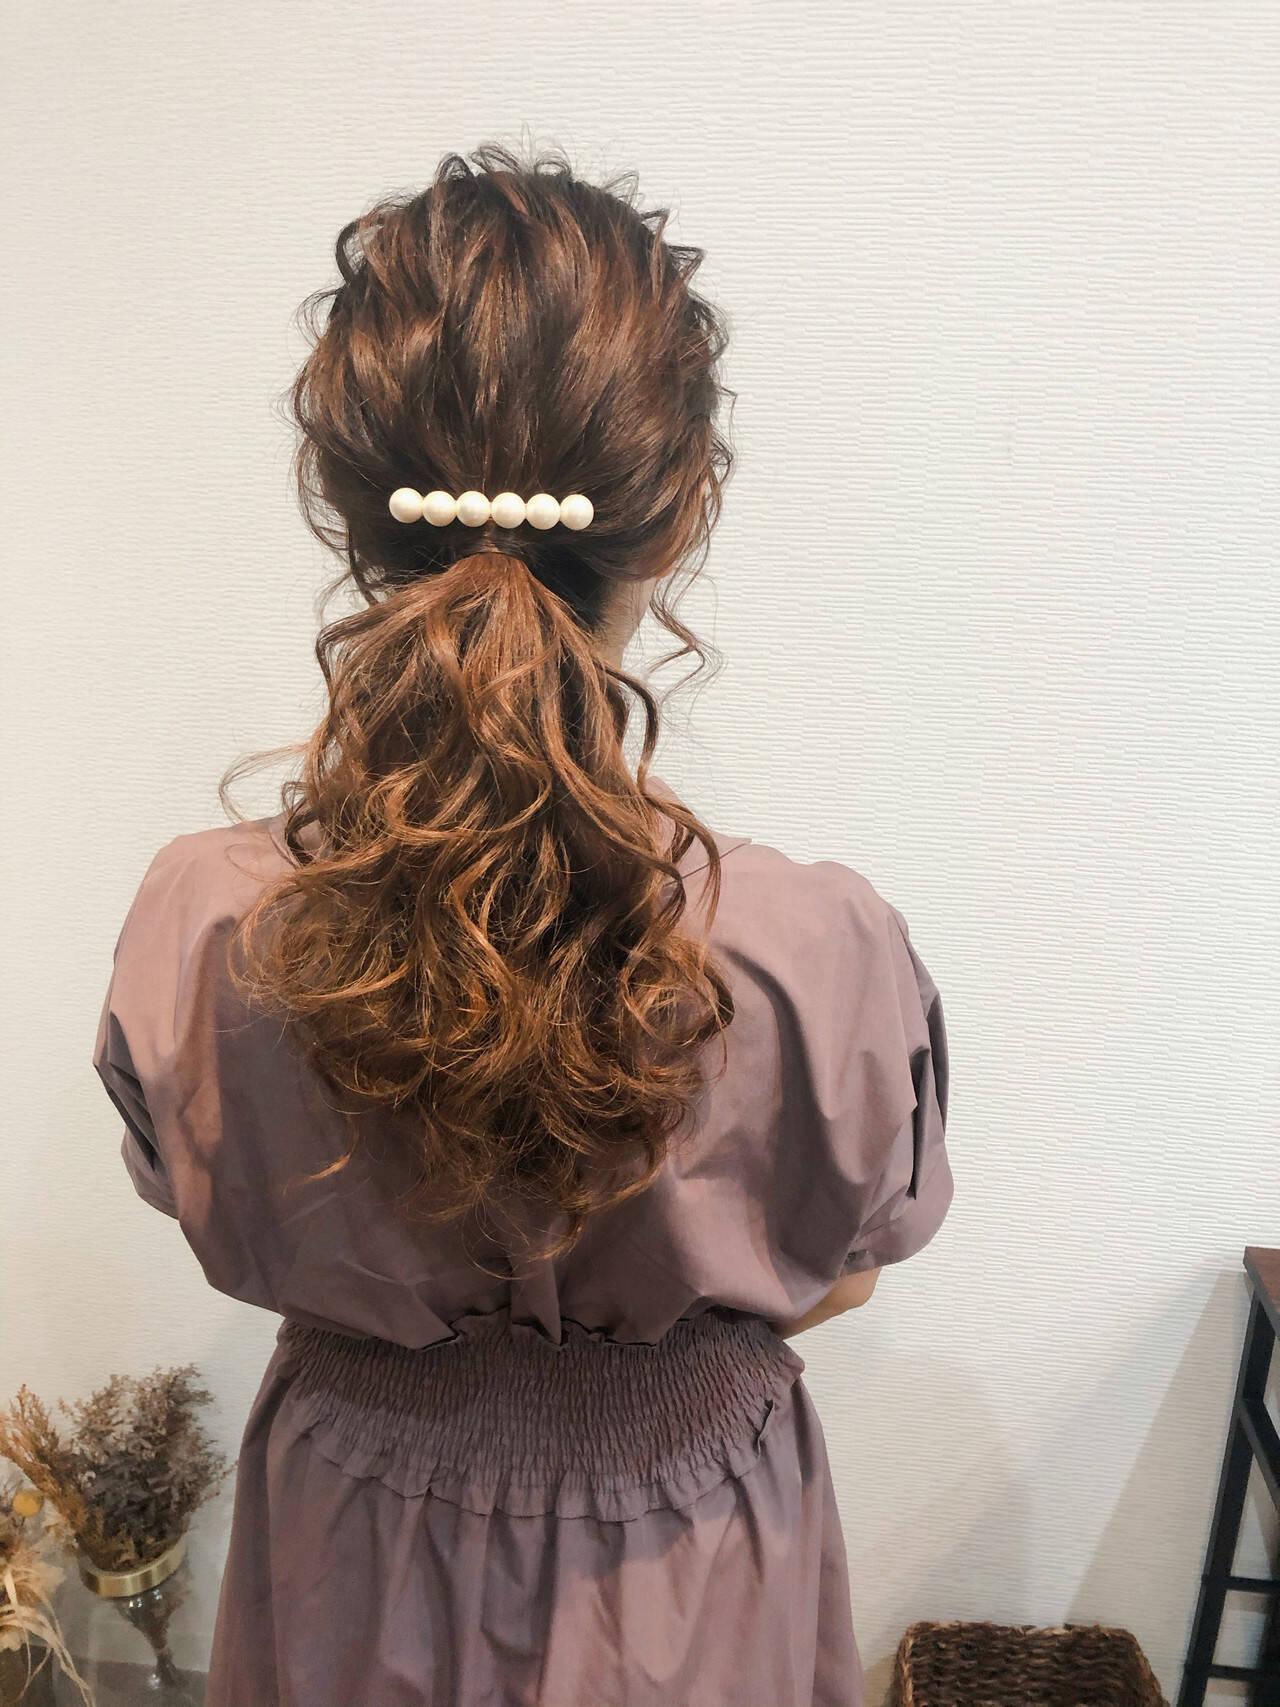 ヘアセット セミロング フェミニン ポニーテールアレンジヘアスタイルや髪型の写真・画像